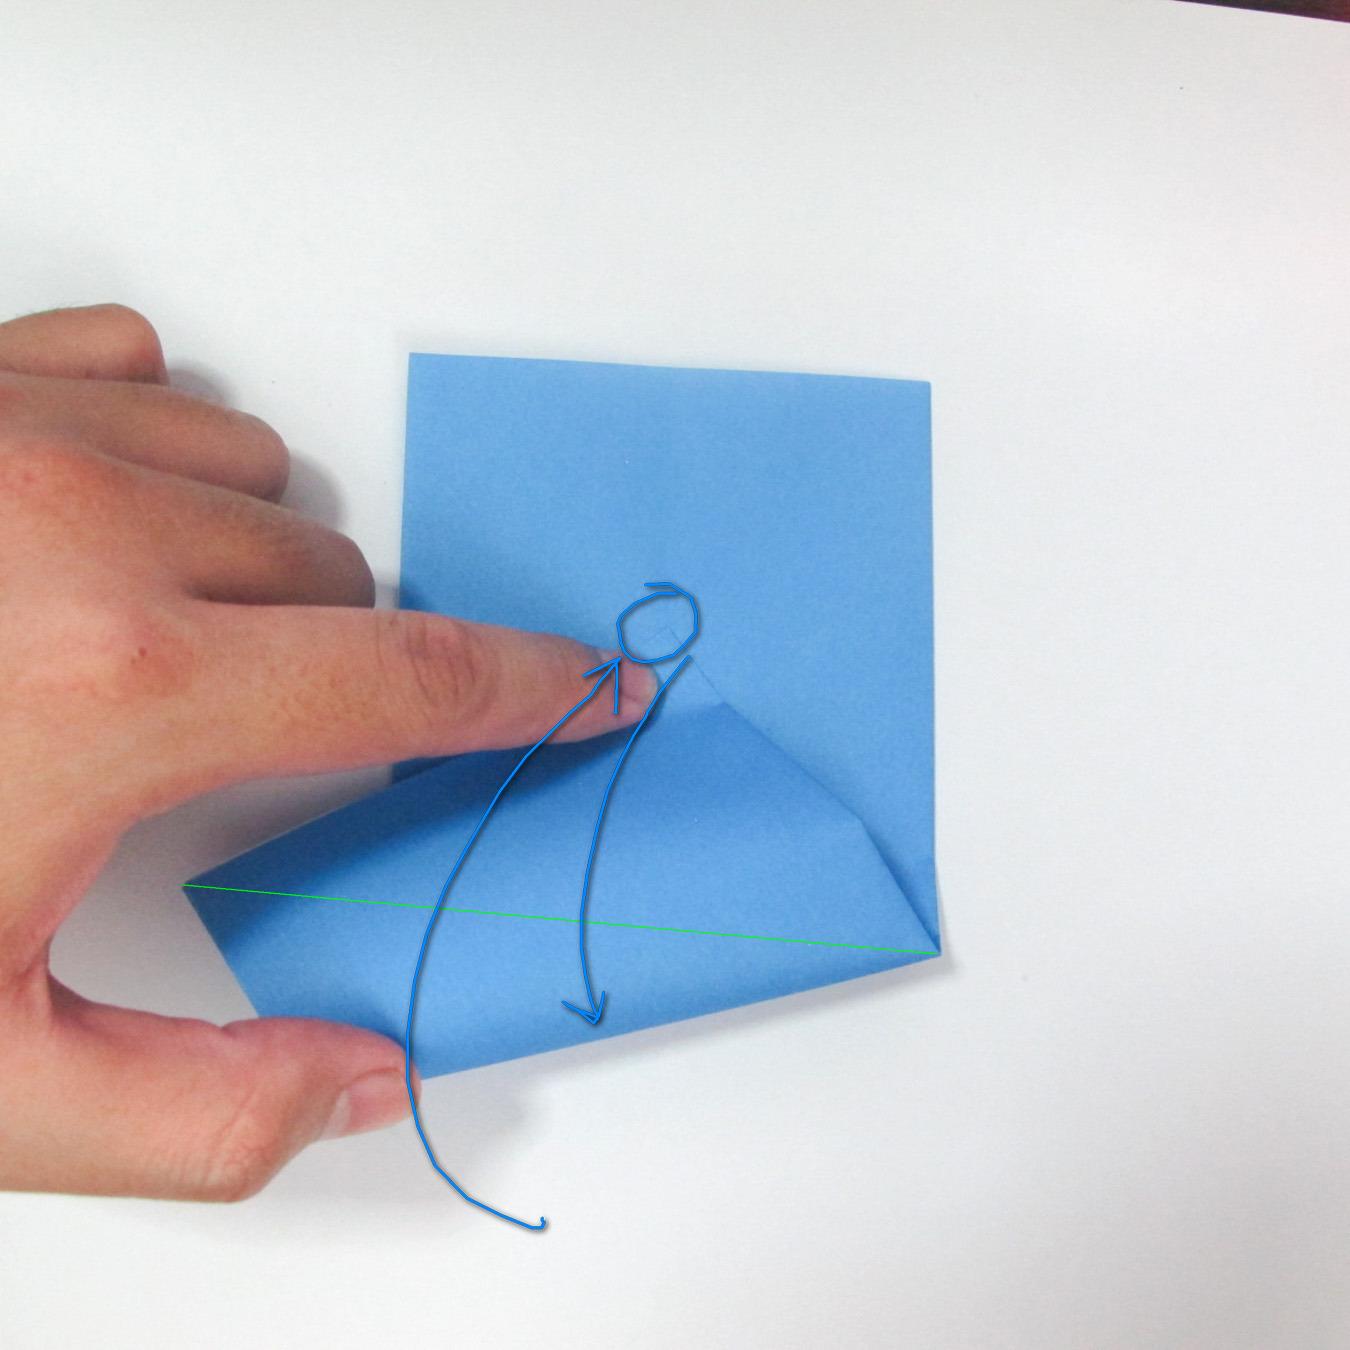 วิธีการตัดกระดาษเป็นห้าเหลี่ยมจากกระดาษสี่เหลี่ยมจตุรัส 008